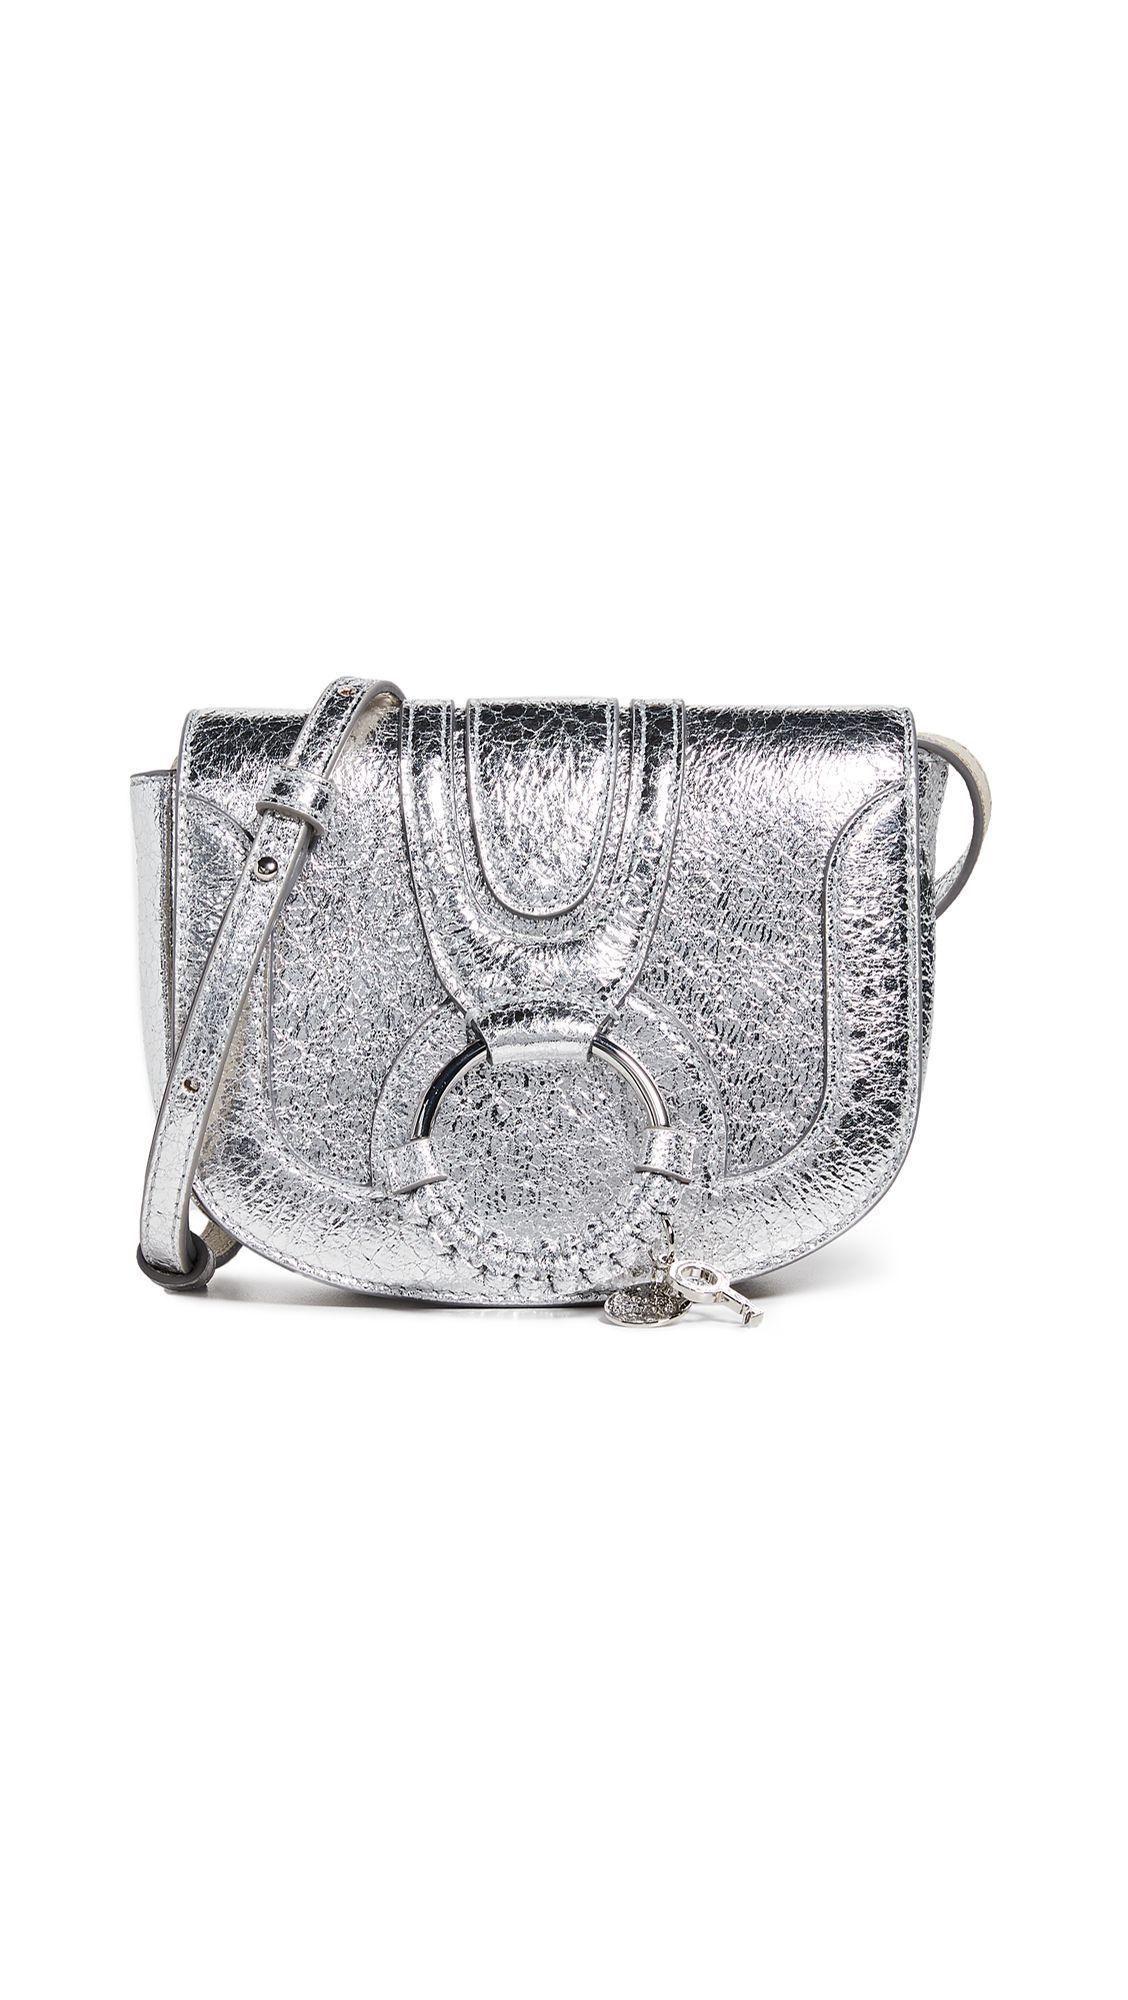 Silver Saddle Bag